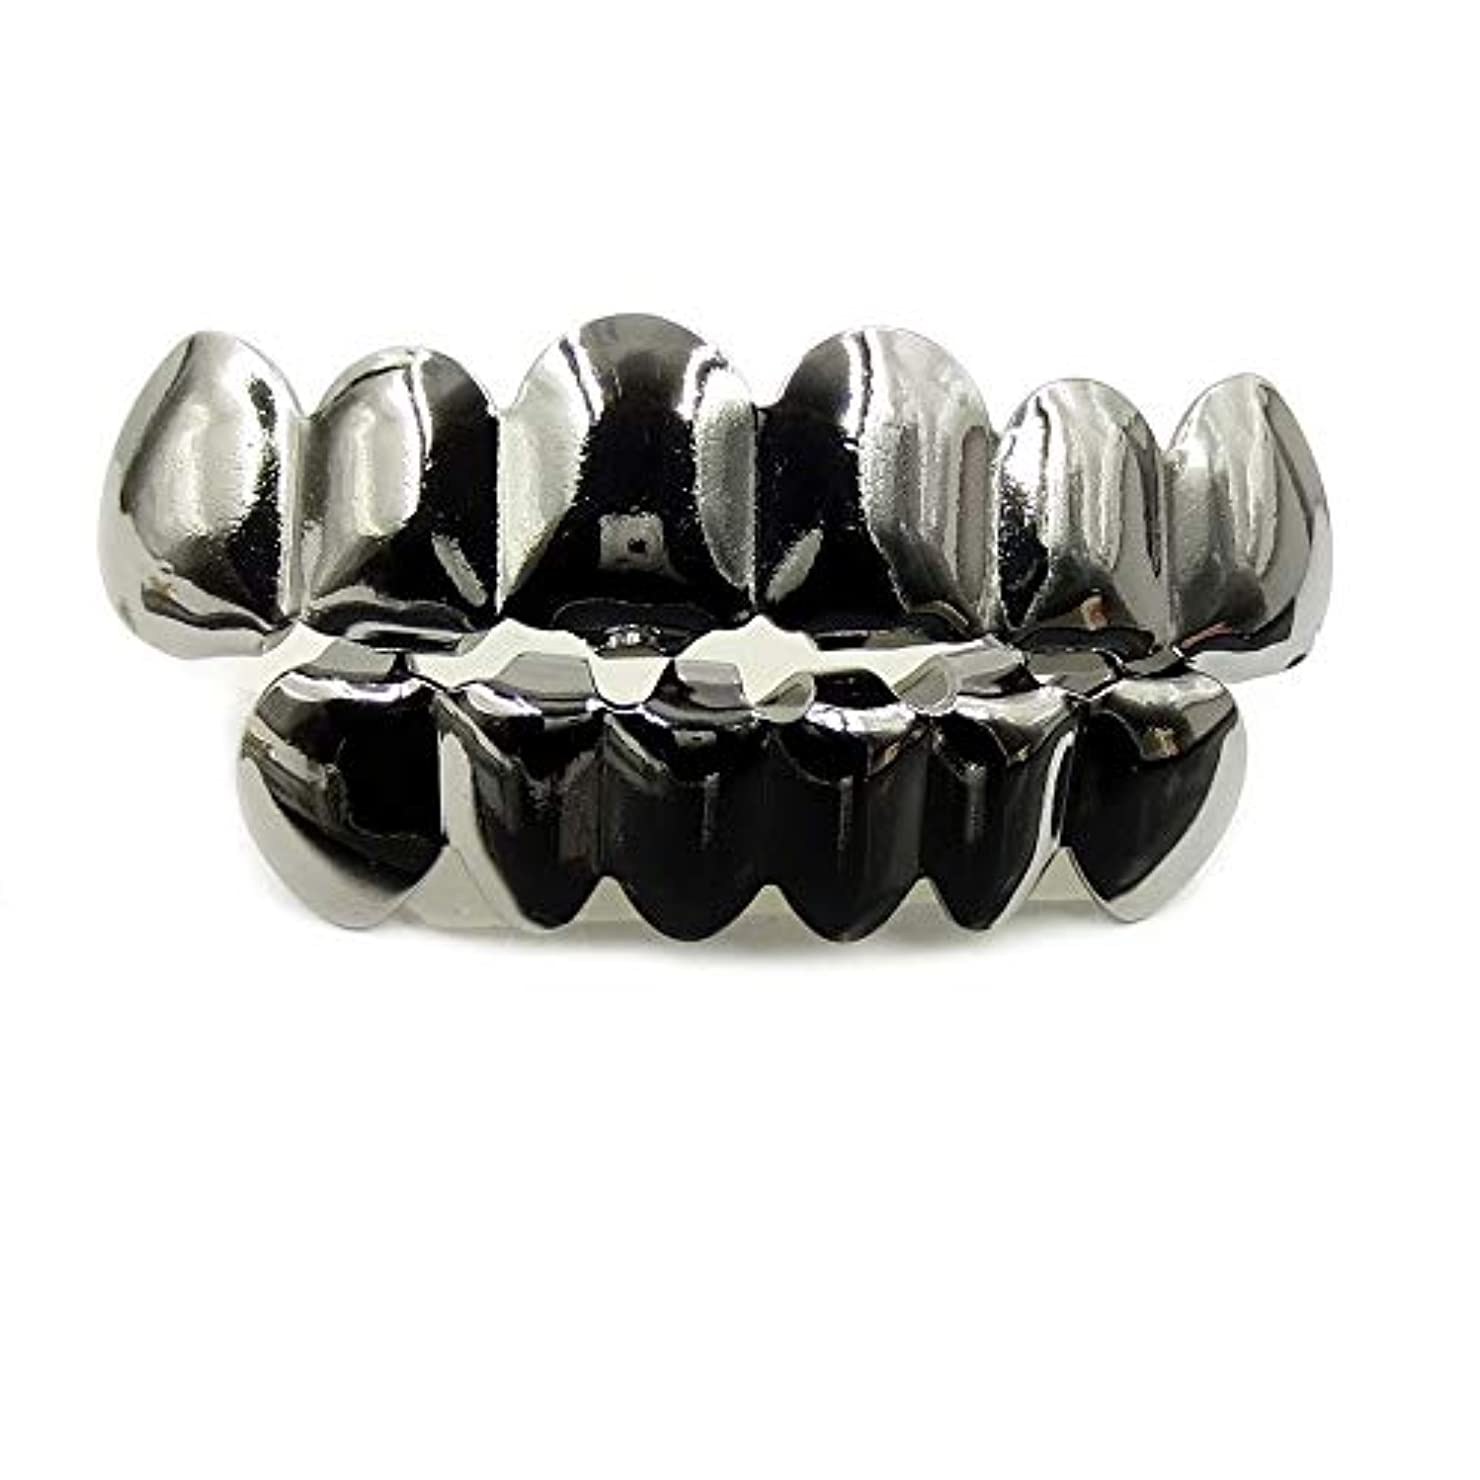 調査寓話爆風ヨーロッパ系アメリカ人INS最もホットなヒップホップの歯キャップ、ゴールド&ブラック&シルバー歯ブレースゴールドプレート口の歯 (Color : Black)